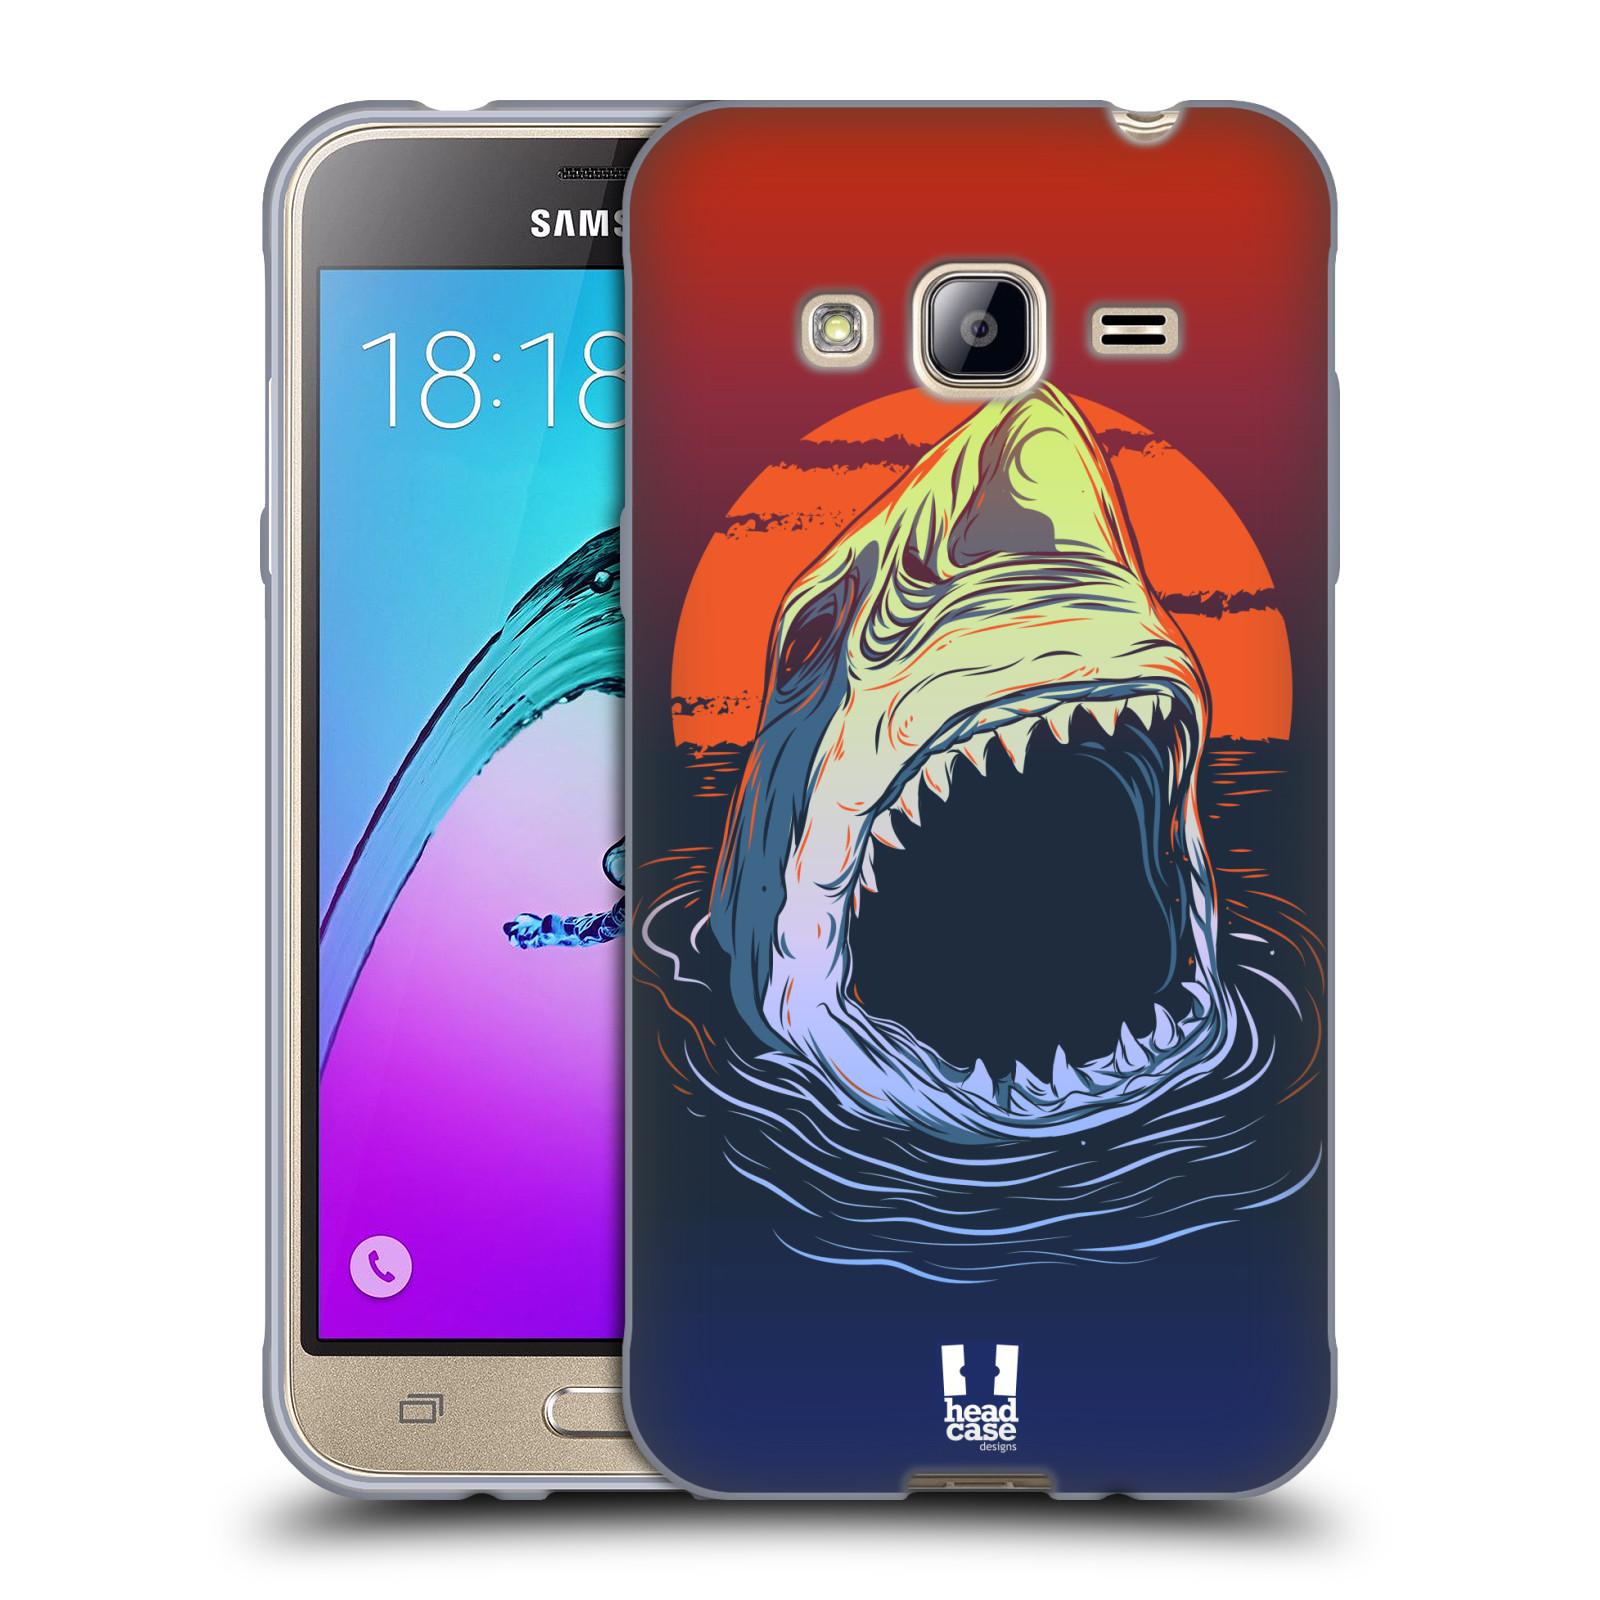 HEAD CASE silikonový obal na mobil Samsung Galaxy J3, J3 2016 vzor mořská monstra žralok